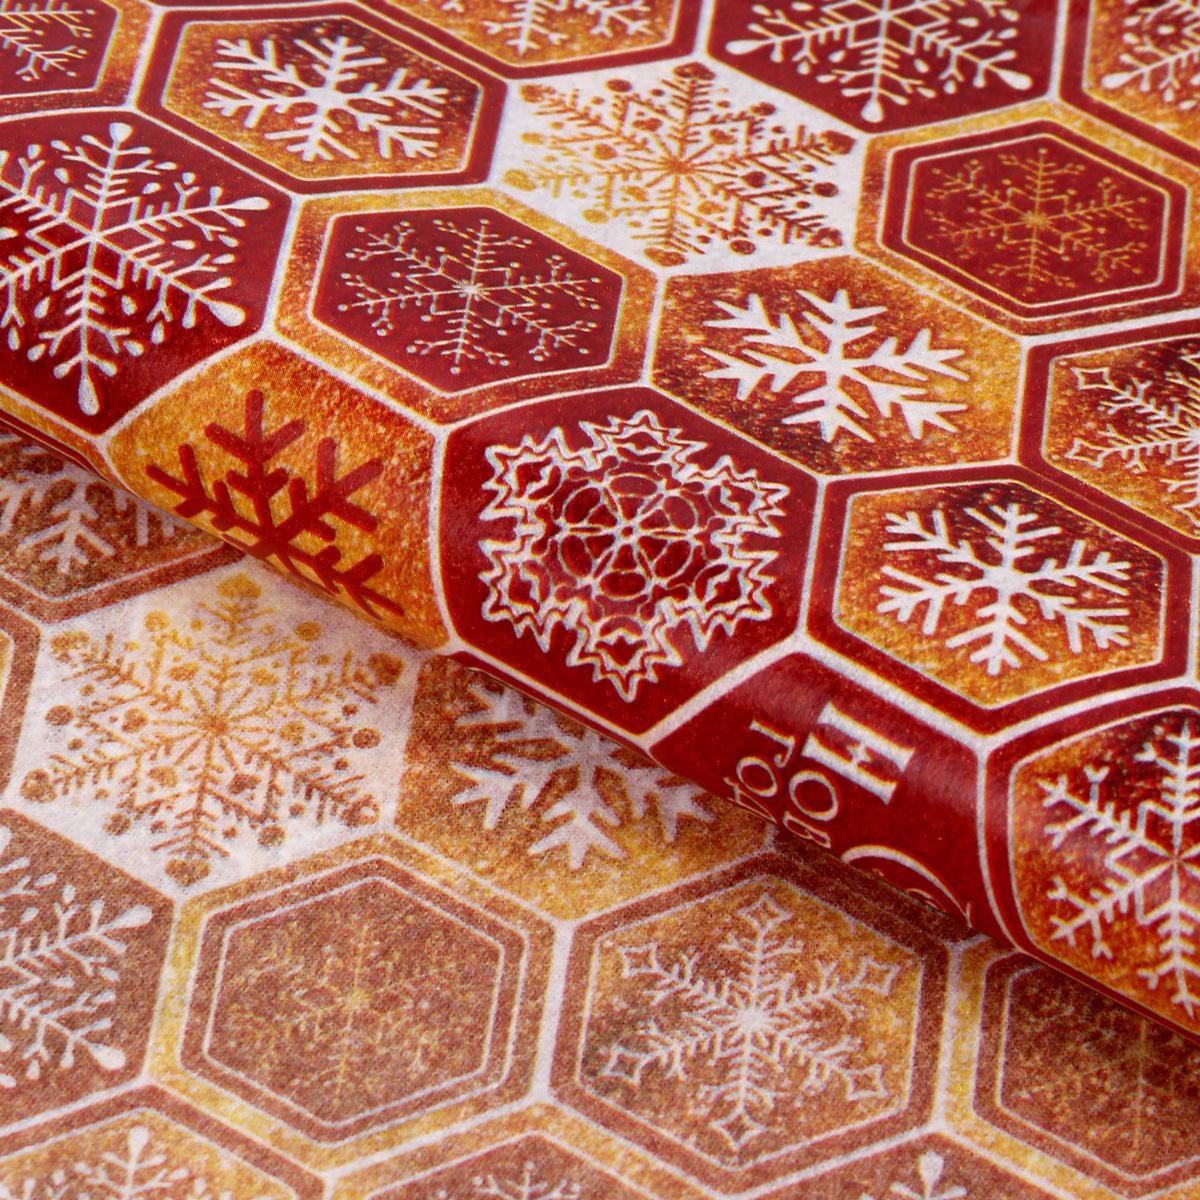 Бумага упаковочная Sima-land С Новым годом!, тишью, цвет: красный, 50 х 70 см1386366Бумага упаковочная Sima-land - это стильный и модный тренд в декоре и упаковке. Она универсальна в оформлении любой продукции и подарка и сделает даже обычный презент заметным, приятным и стильным.